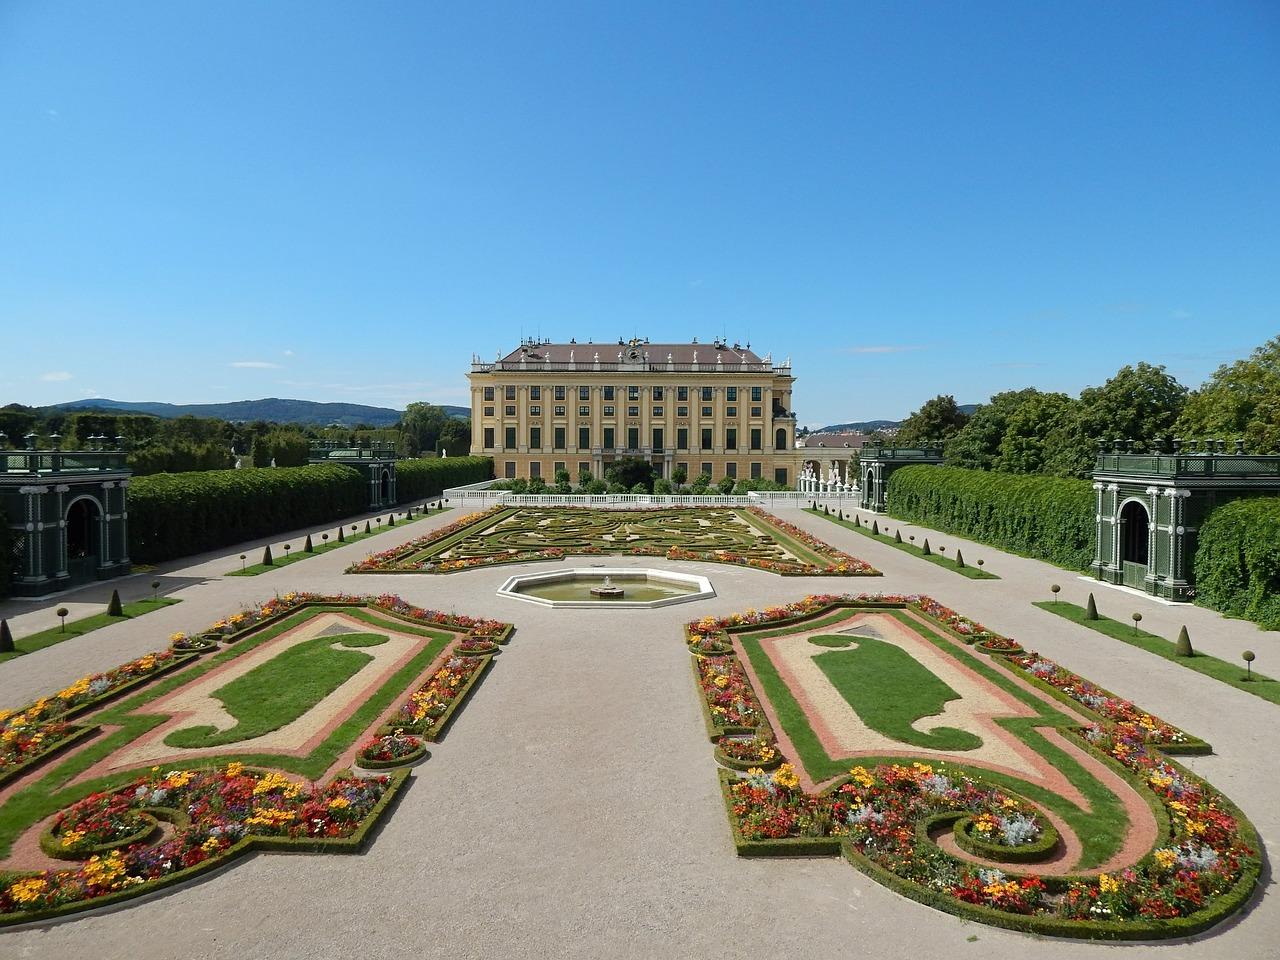 Schoenbrunn's Palace garden